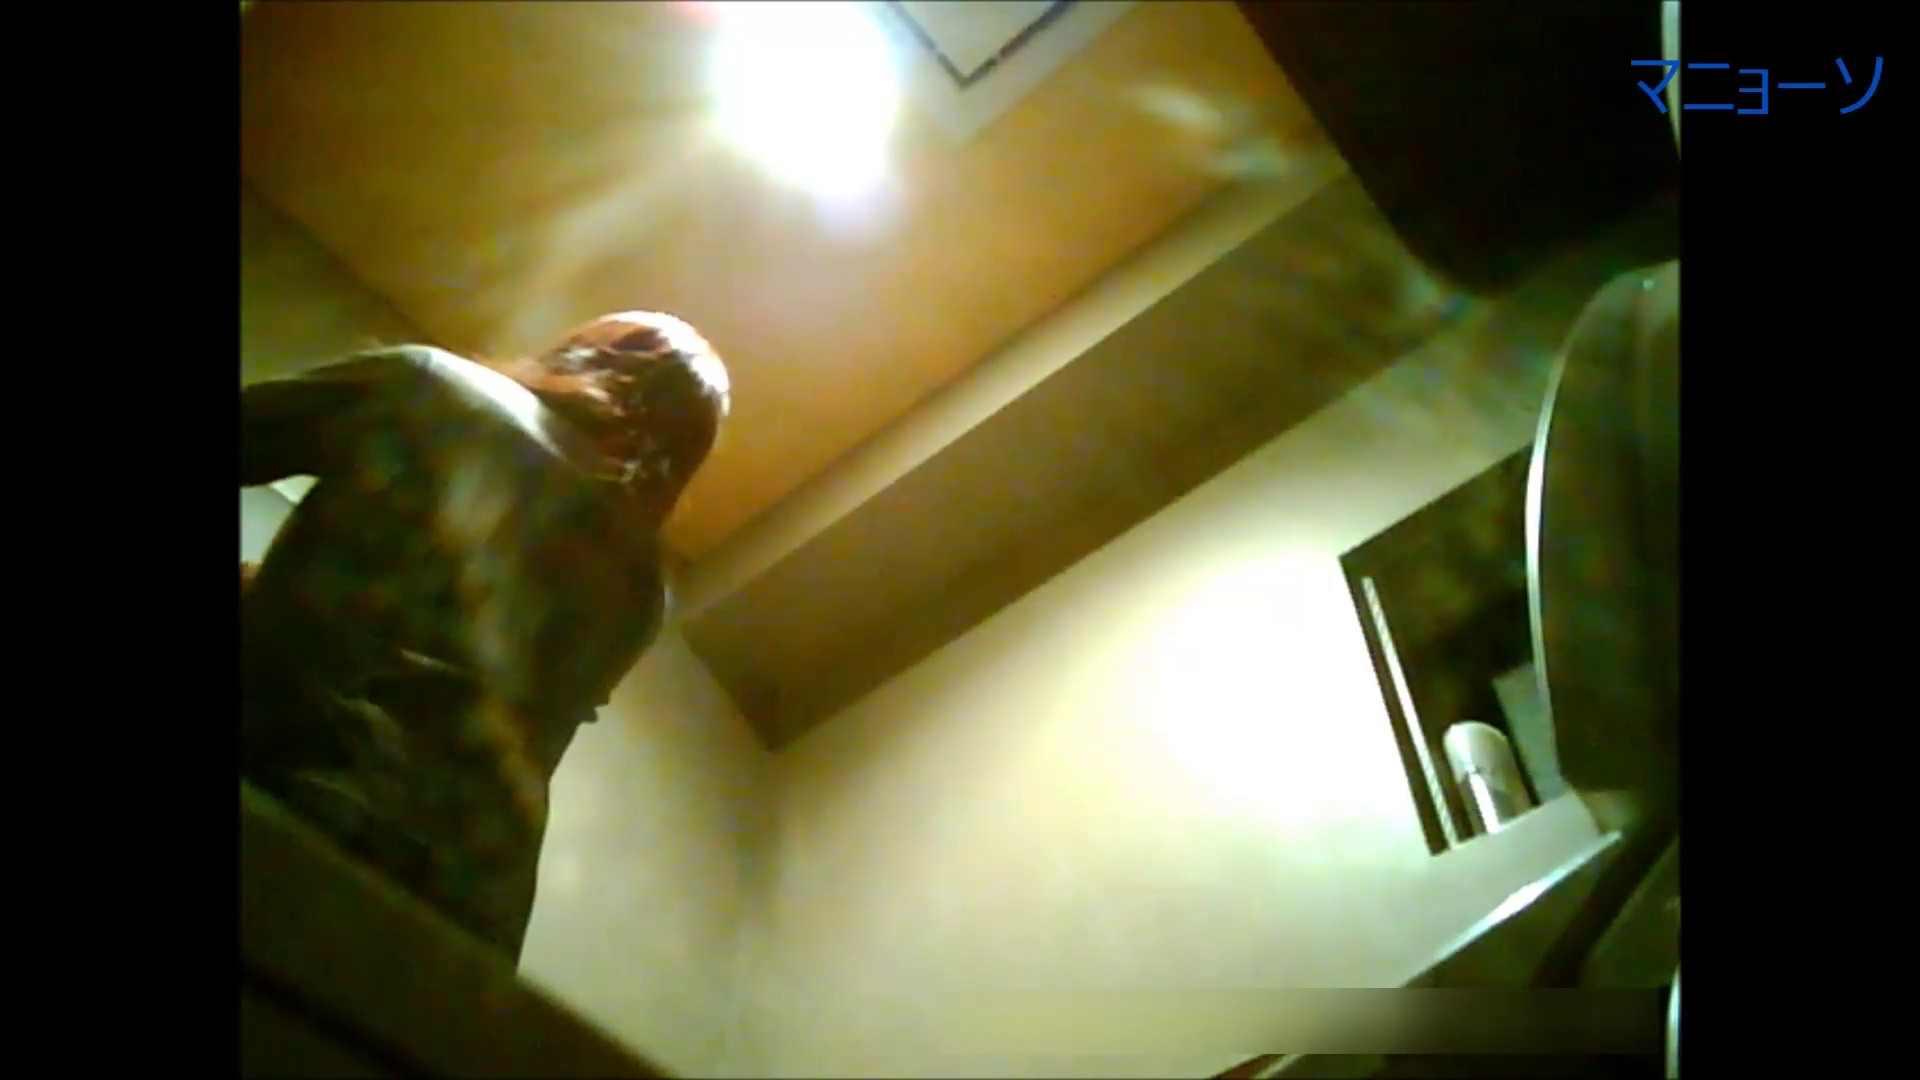 トイレでひと肌脱いでもらいました (JD編)Vol.01 トイレ  112PIX 59